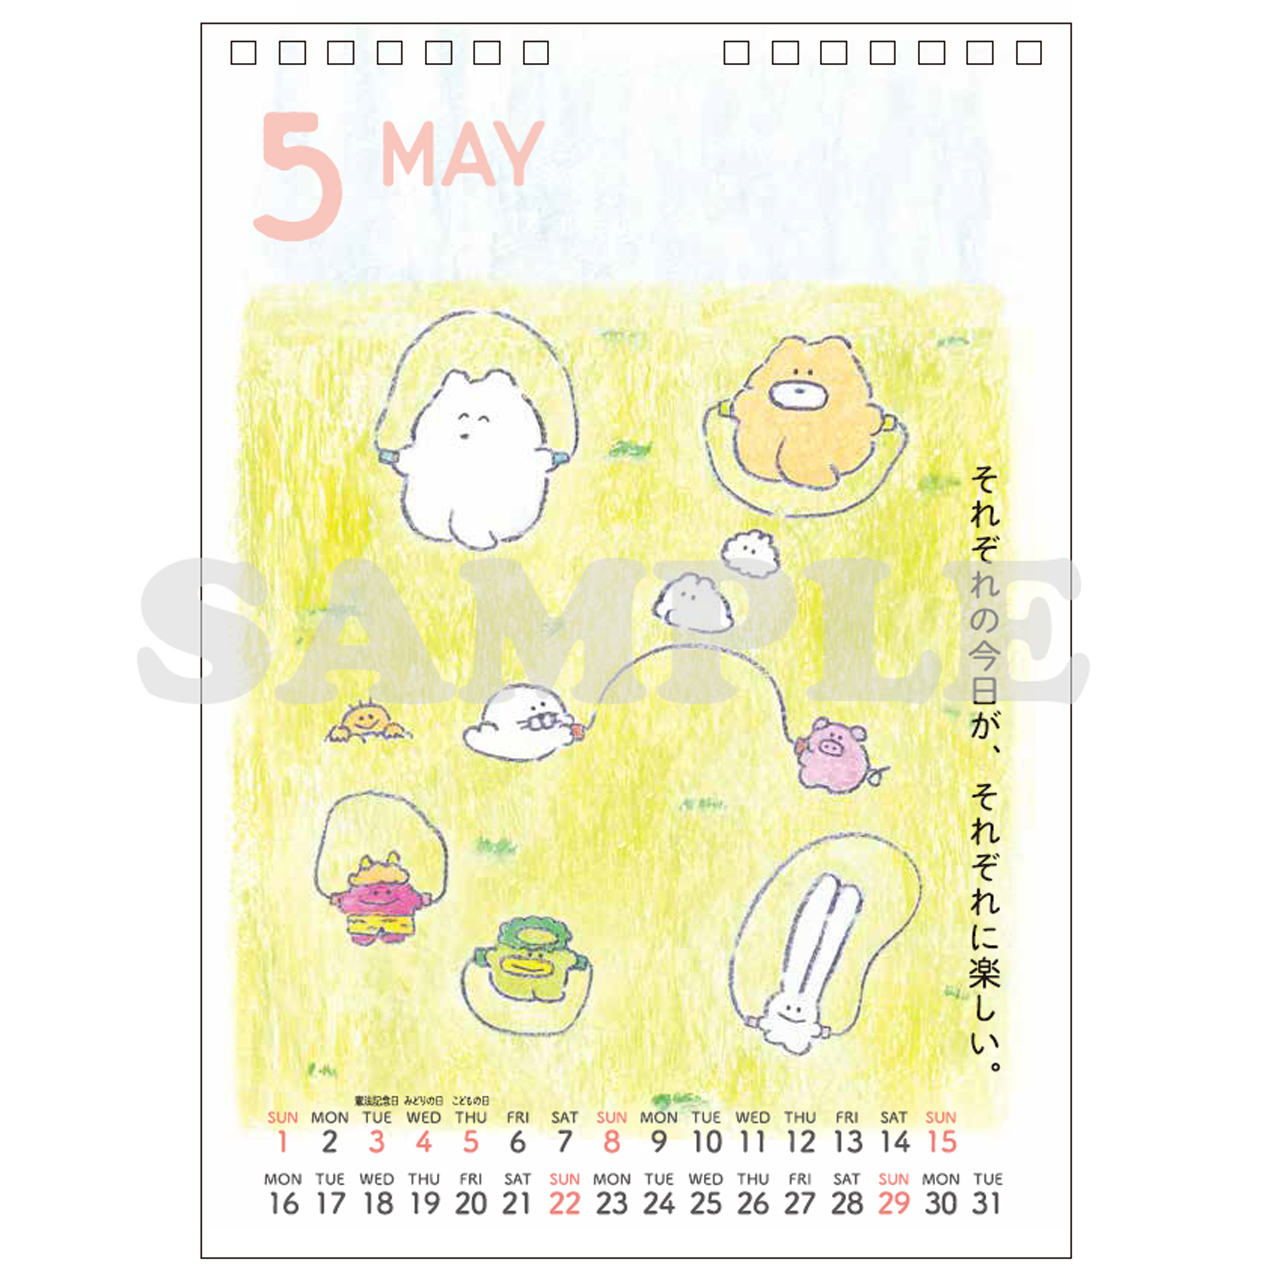 【NEW】もくもくちゃん2022年卓上カレンダー&スケジュールシールの予約が開始!